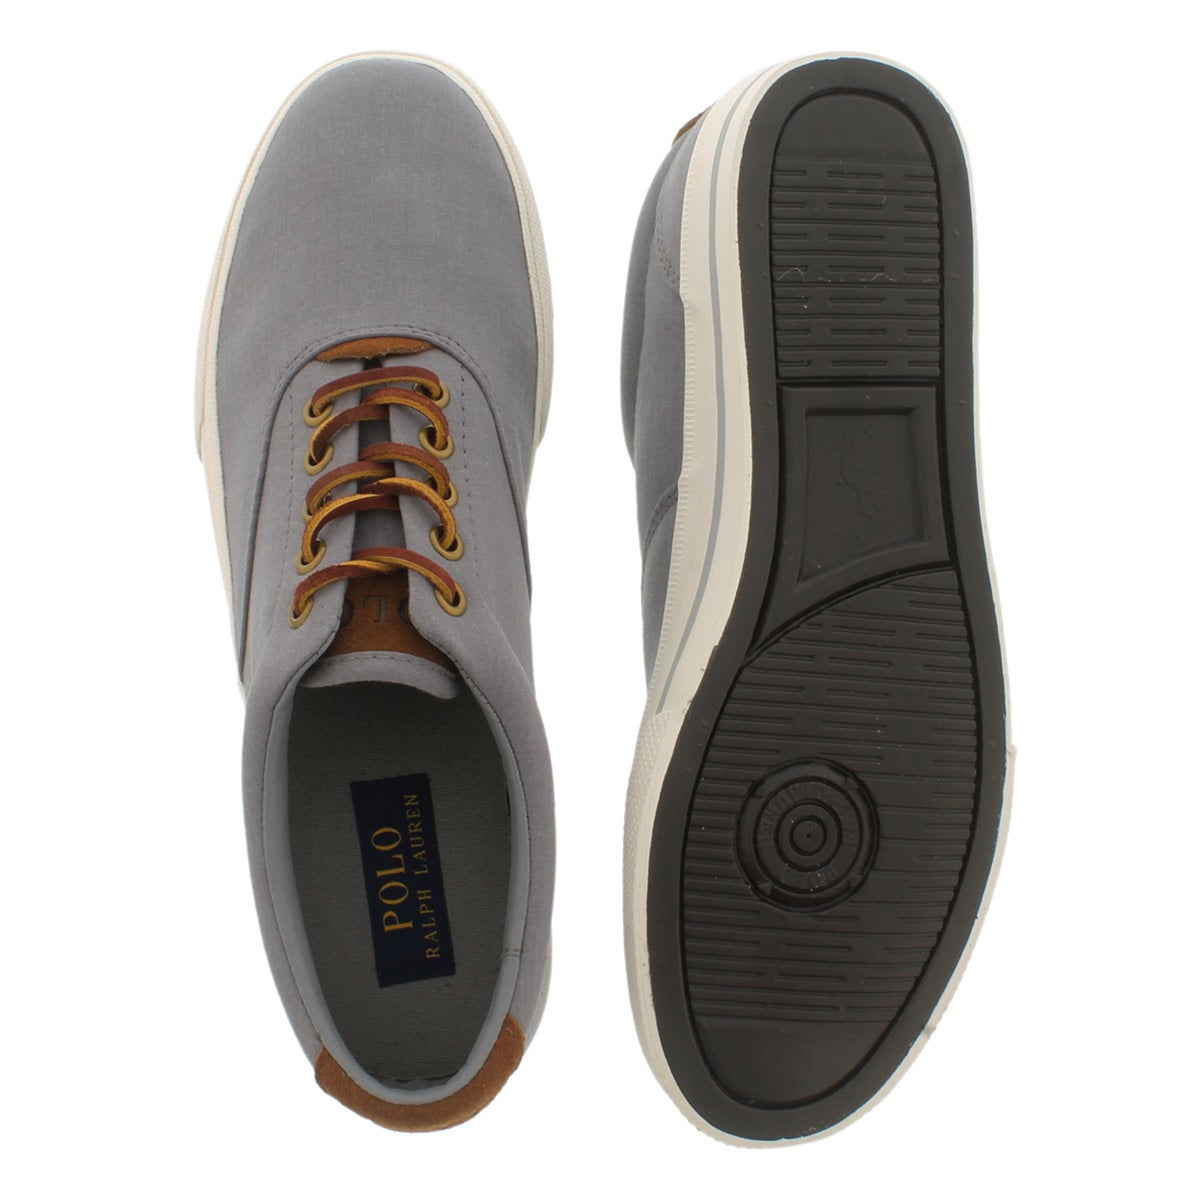 Mns Vaughn grey heather ripstop sneaker